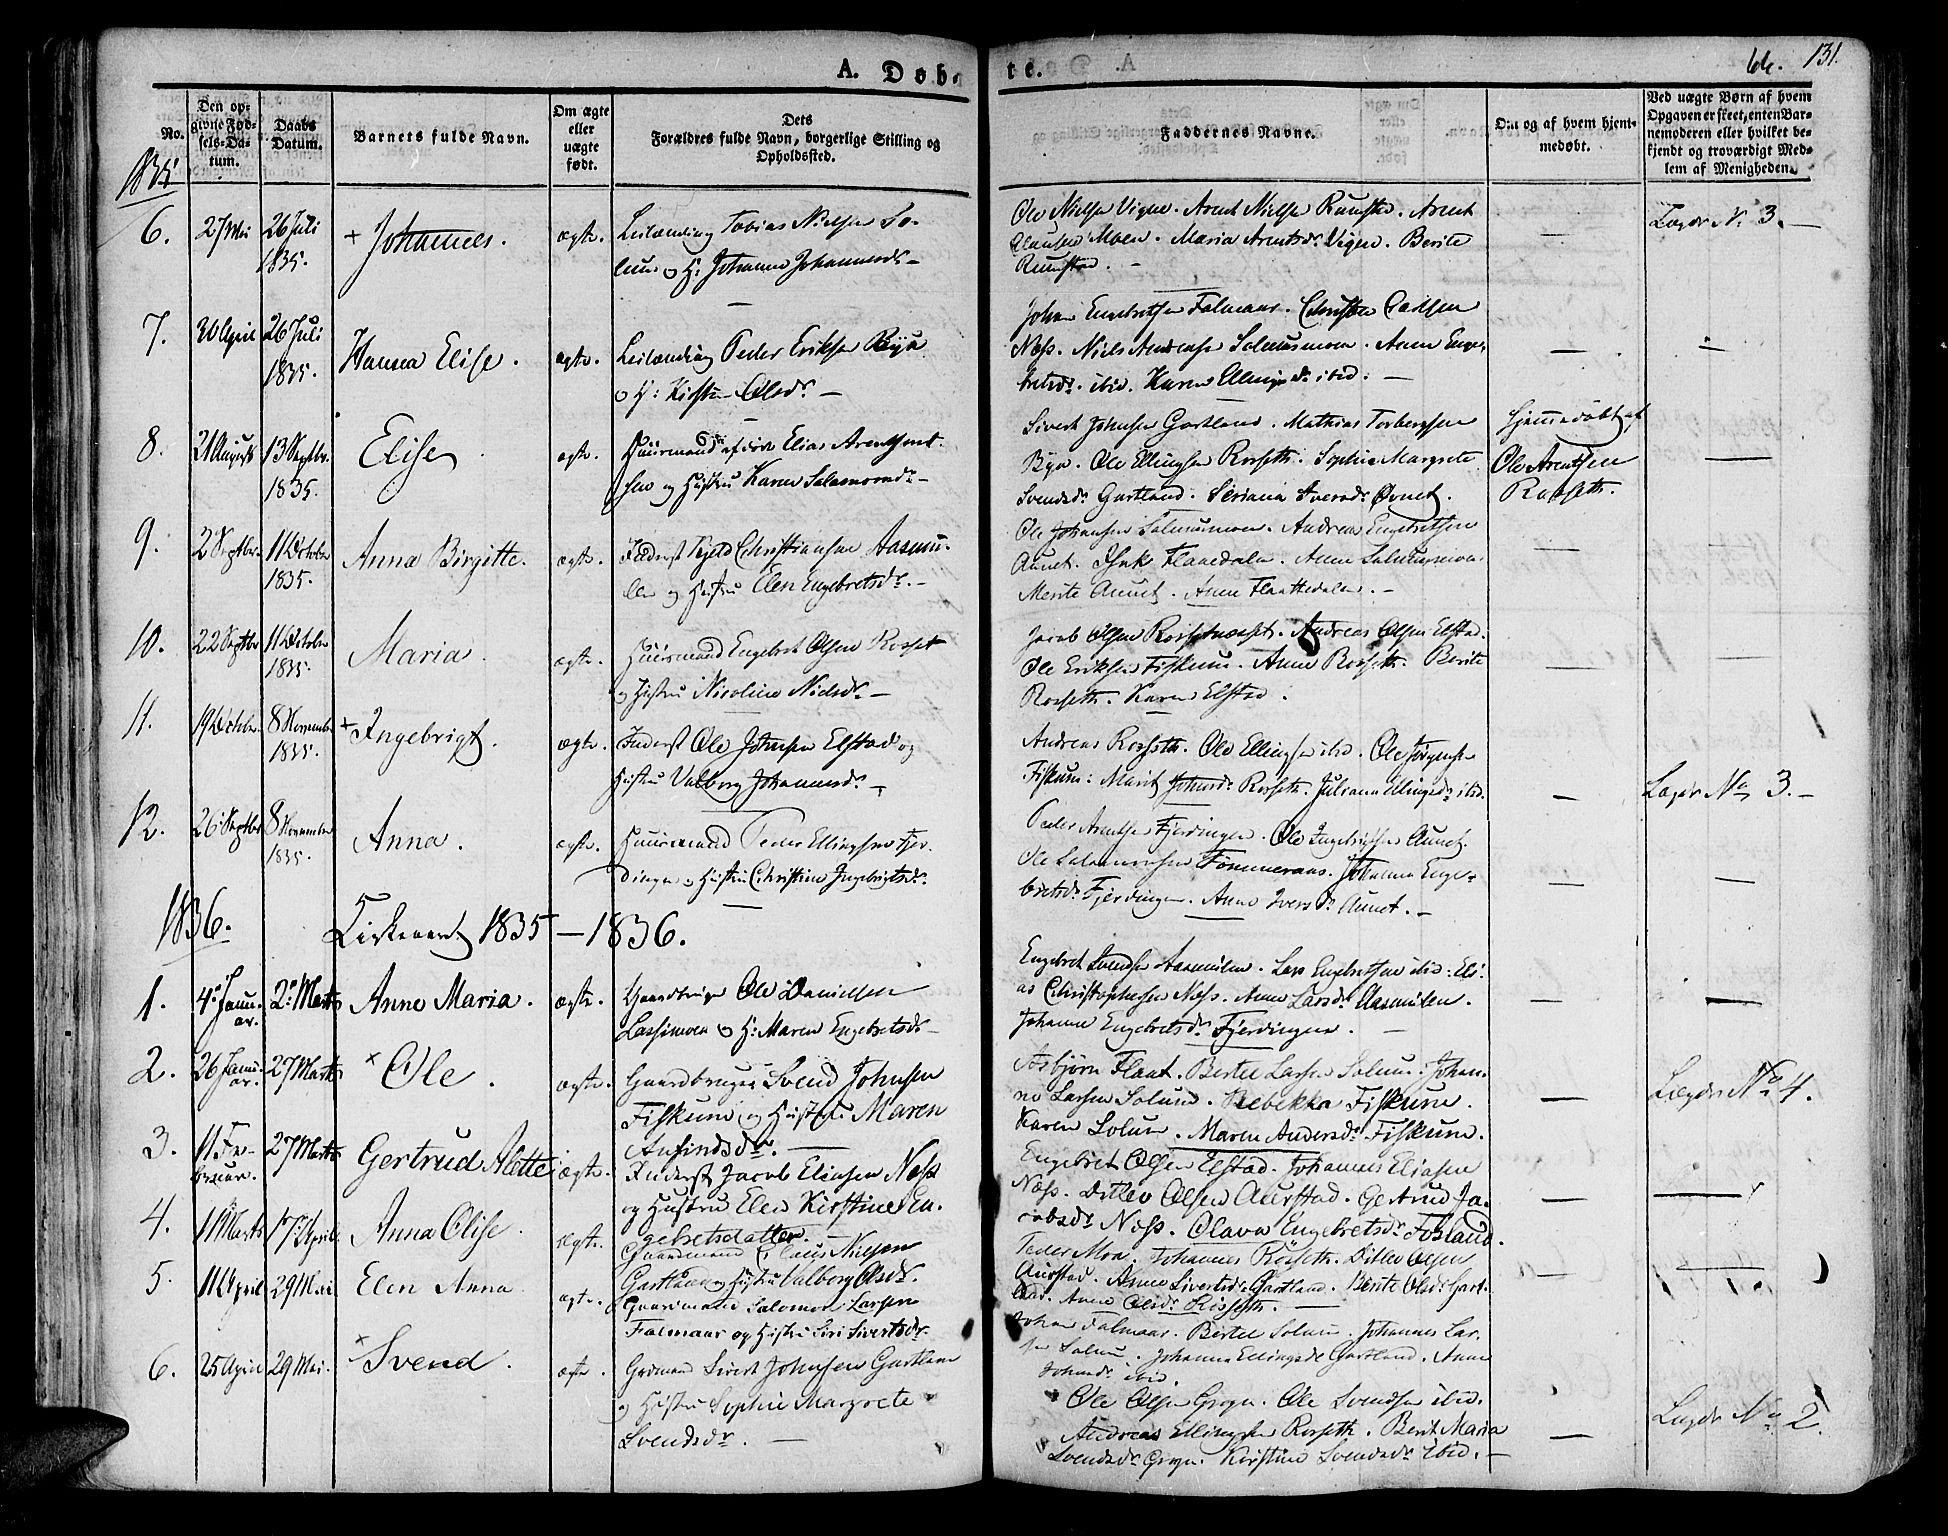 SAT, Ministerialprotokoller, klokkerbøker og fødselsregistre - Nord-Trøndelag, 758/L0510: Ministerialbok nr. 758A01 /3, 1821-1841, s. 66